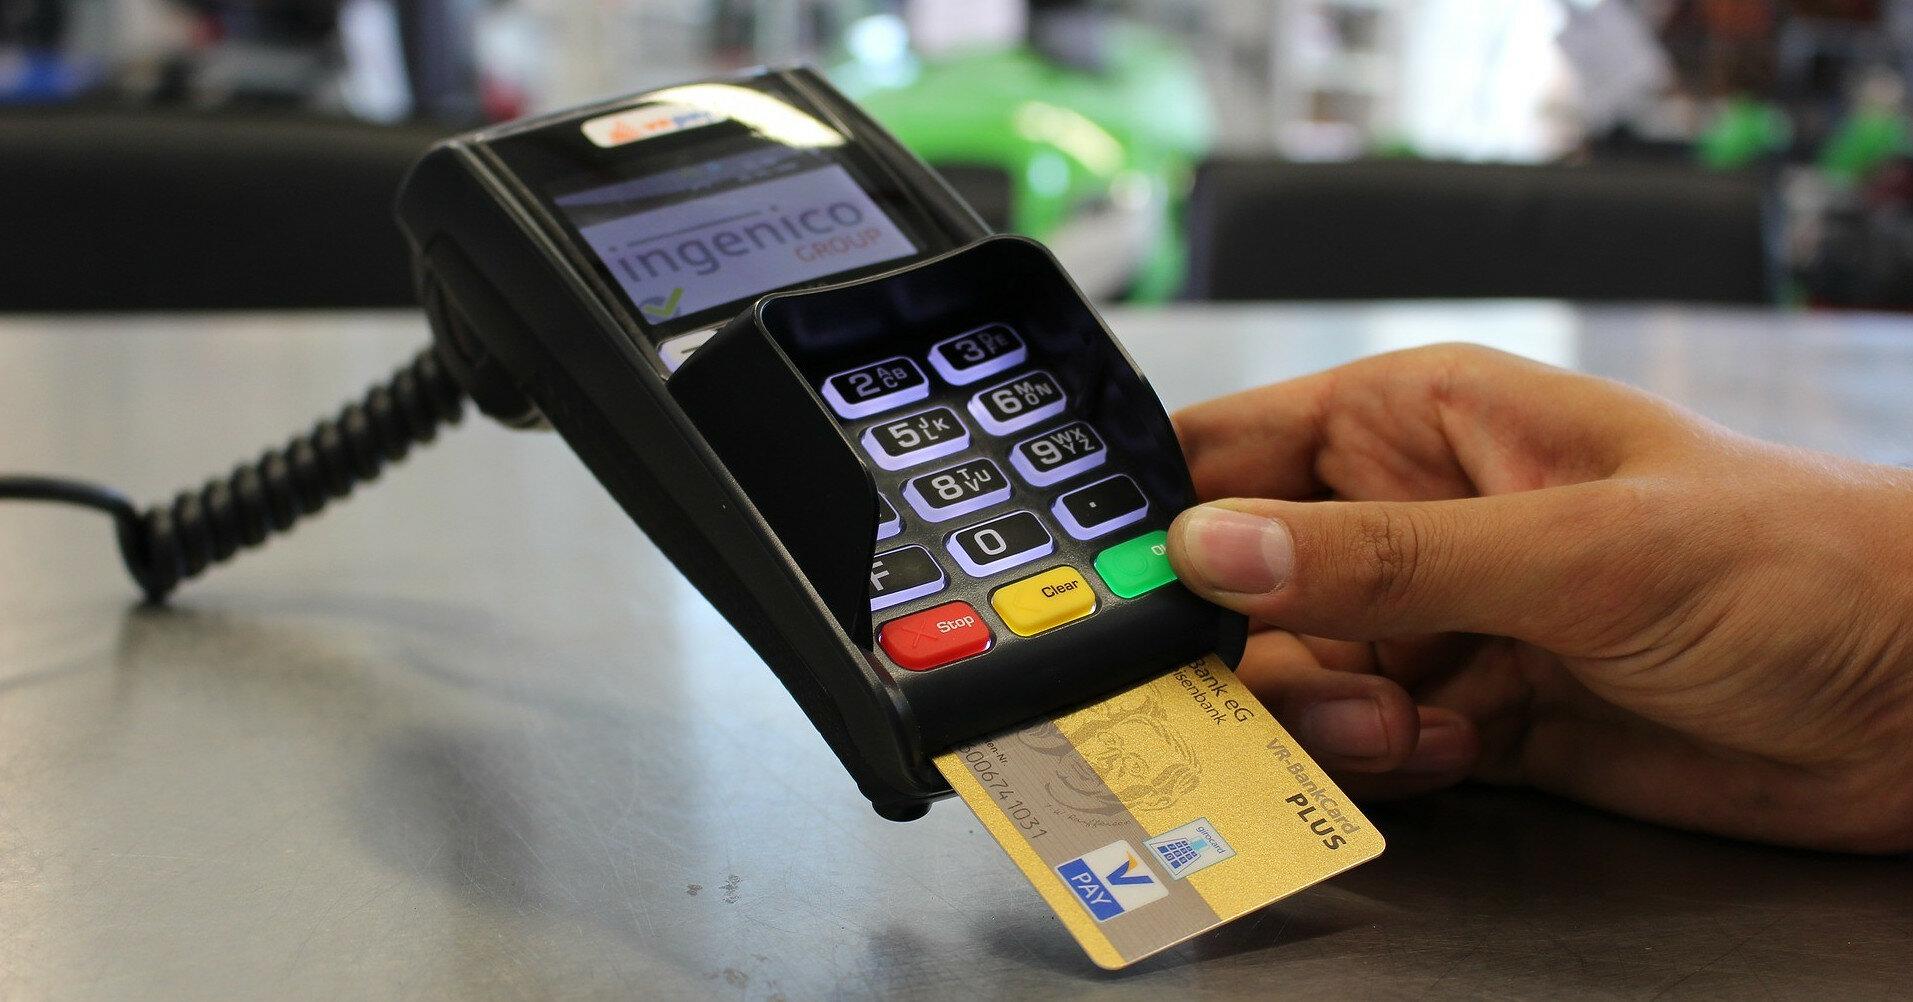 Всеукраинский кешбэк: как уменьшить банковские комиссии и не убить рынок